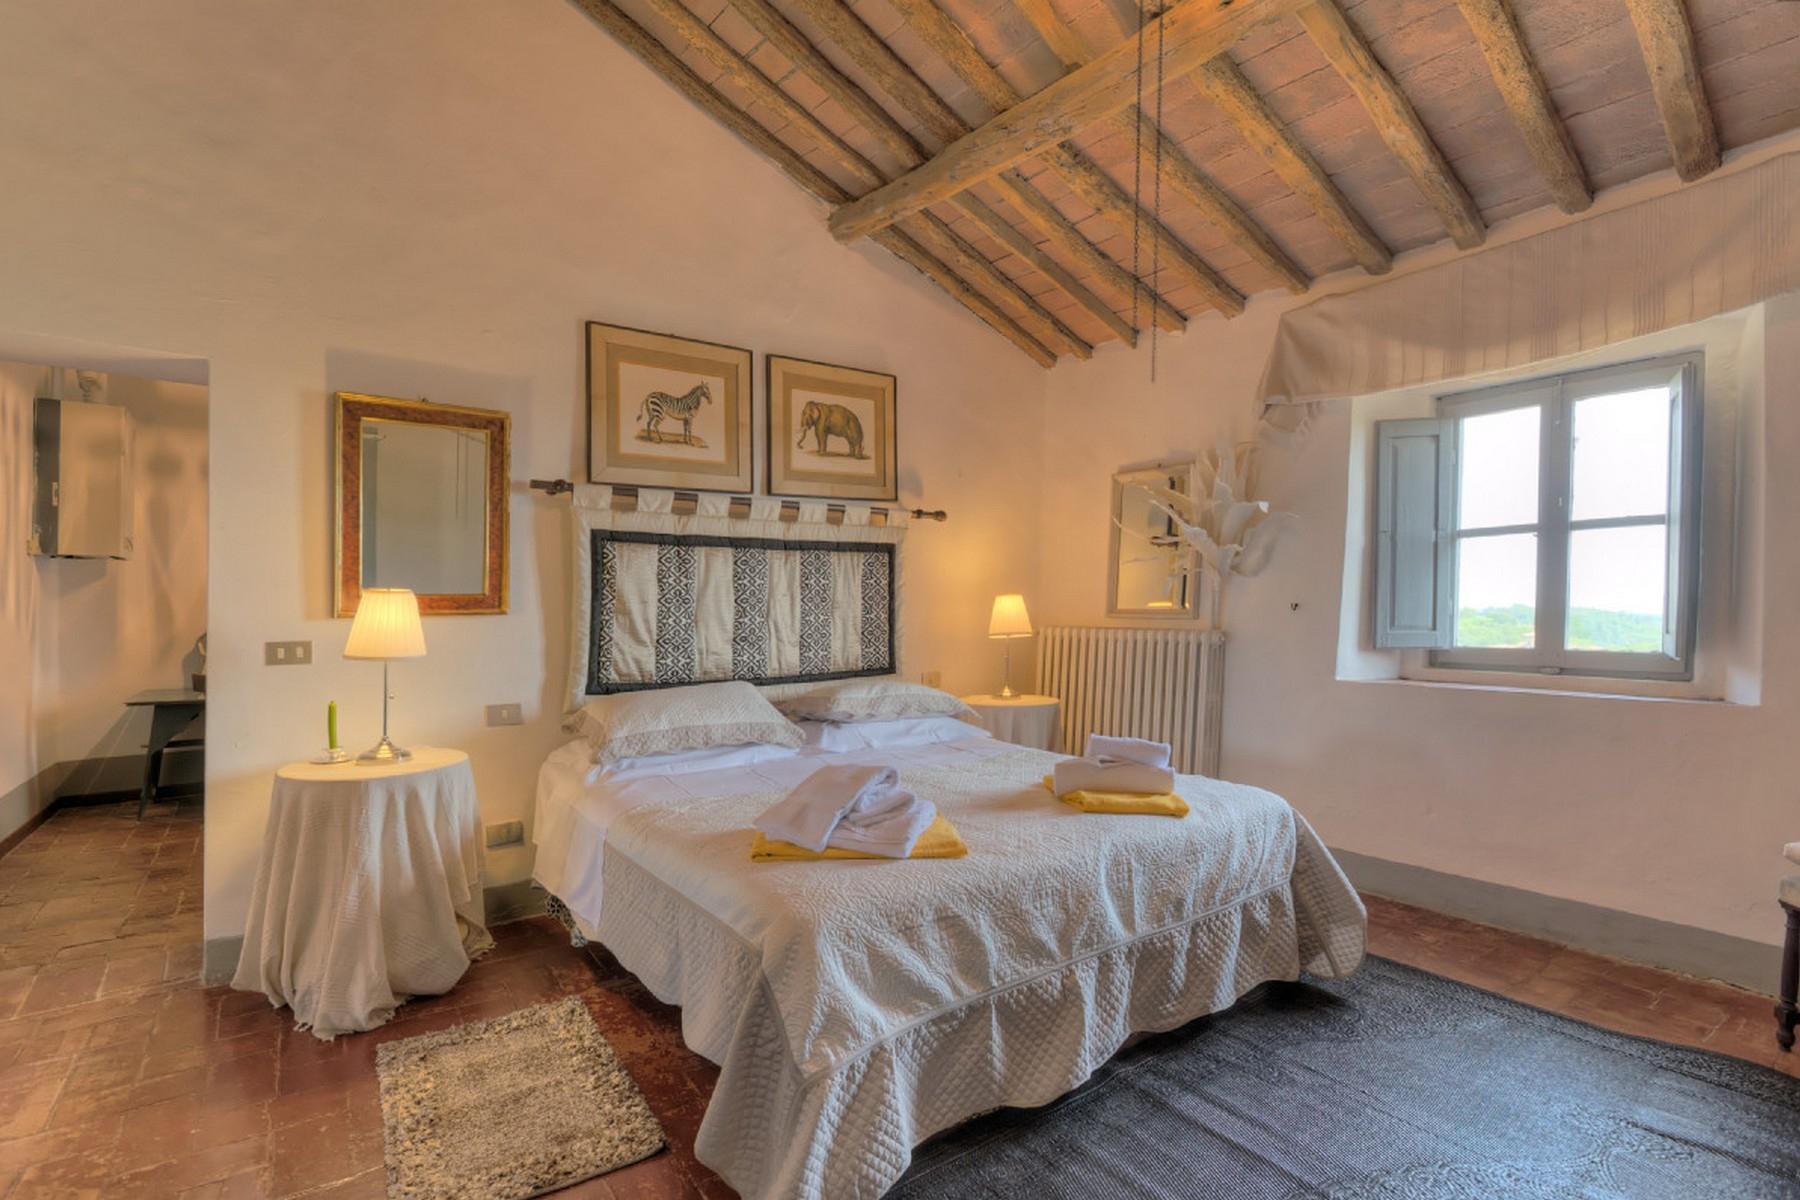 Современная вилла в загородном стиле во Флоренции, регион Кьянти - 10